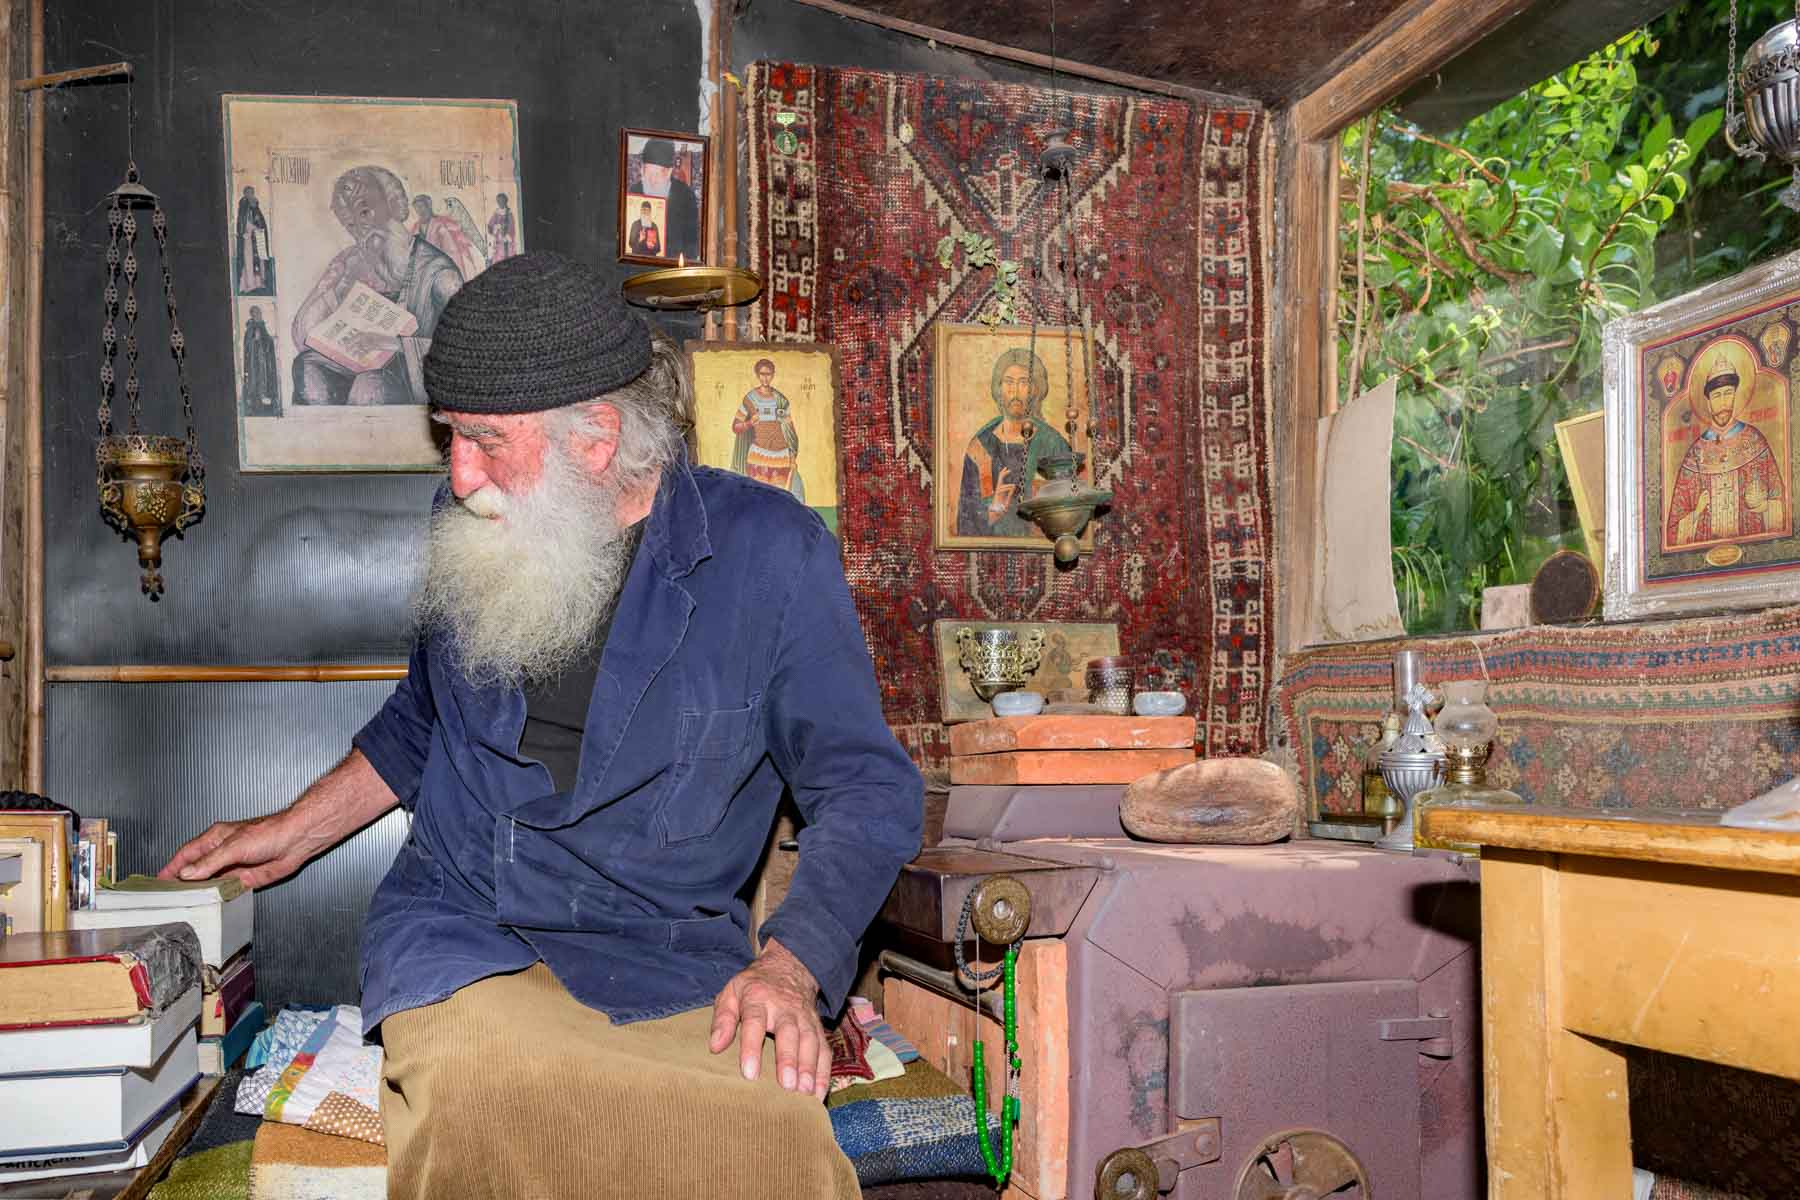 Josef in zijn eigen grieks orthodoxe kerkje voor de zelkrant